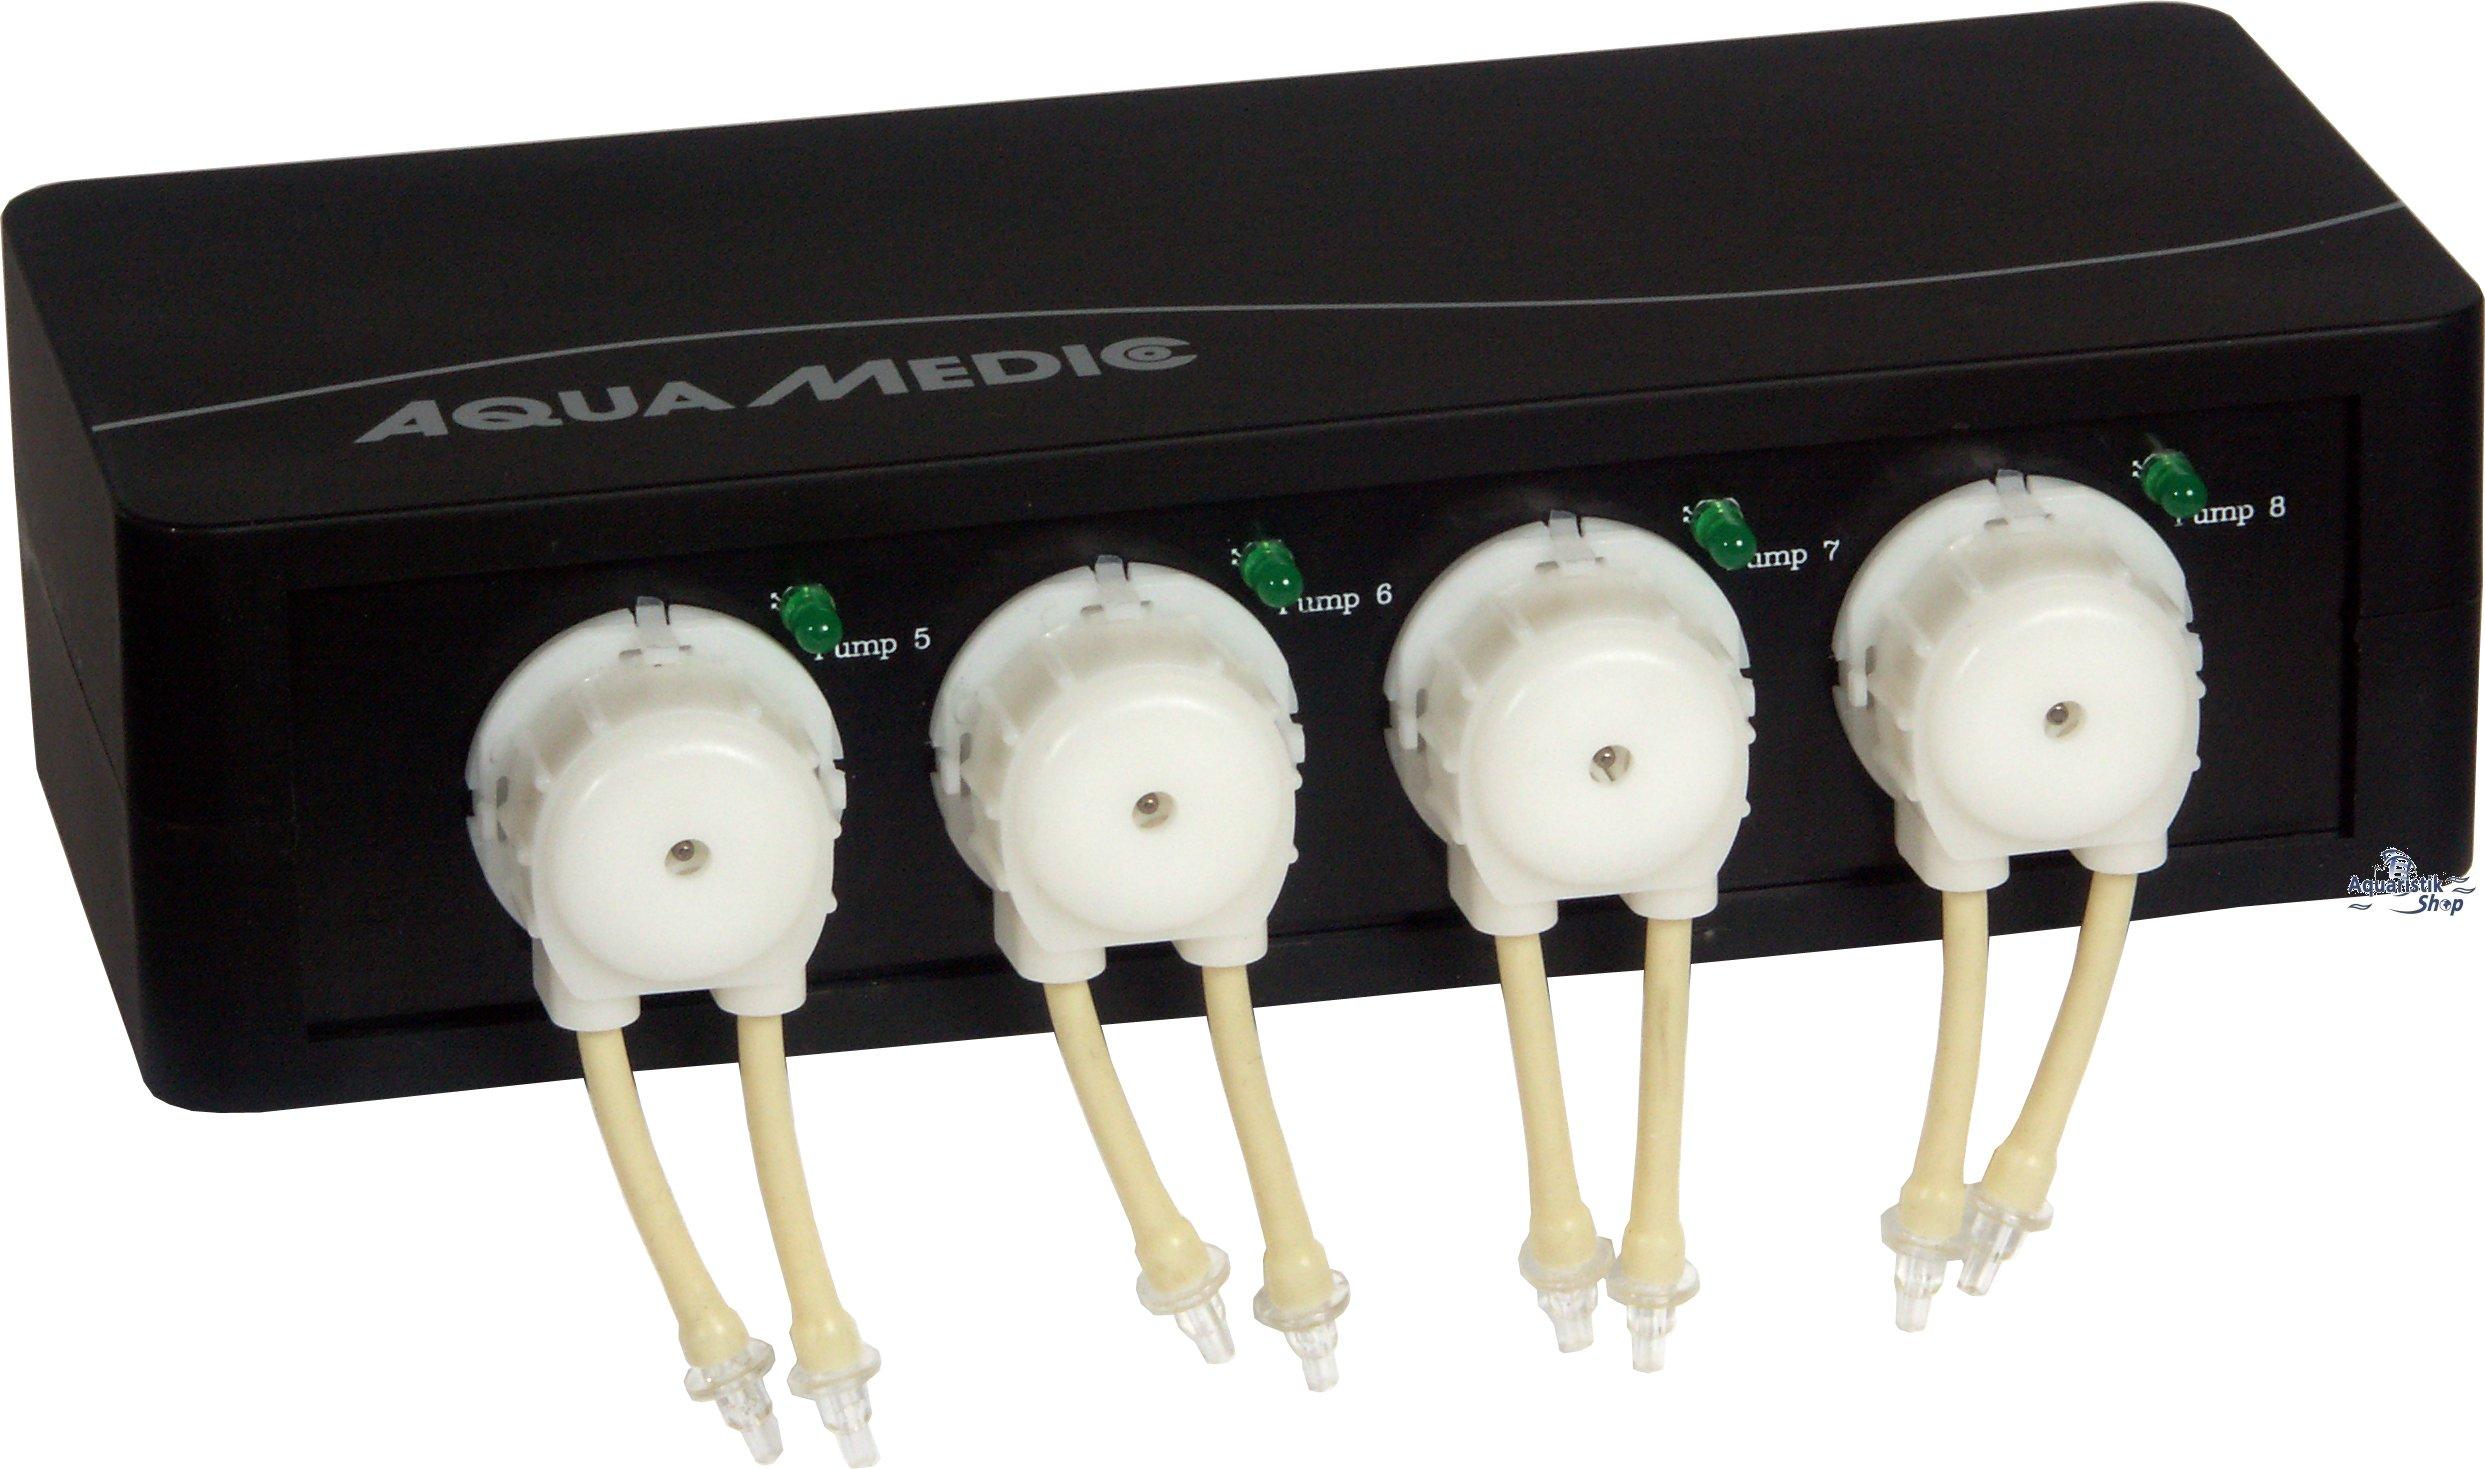 Shop Aqua Medic Dosing Pump reedoser add 4